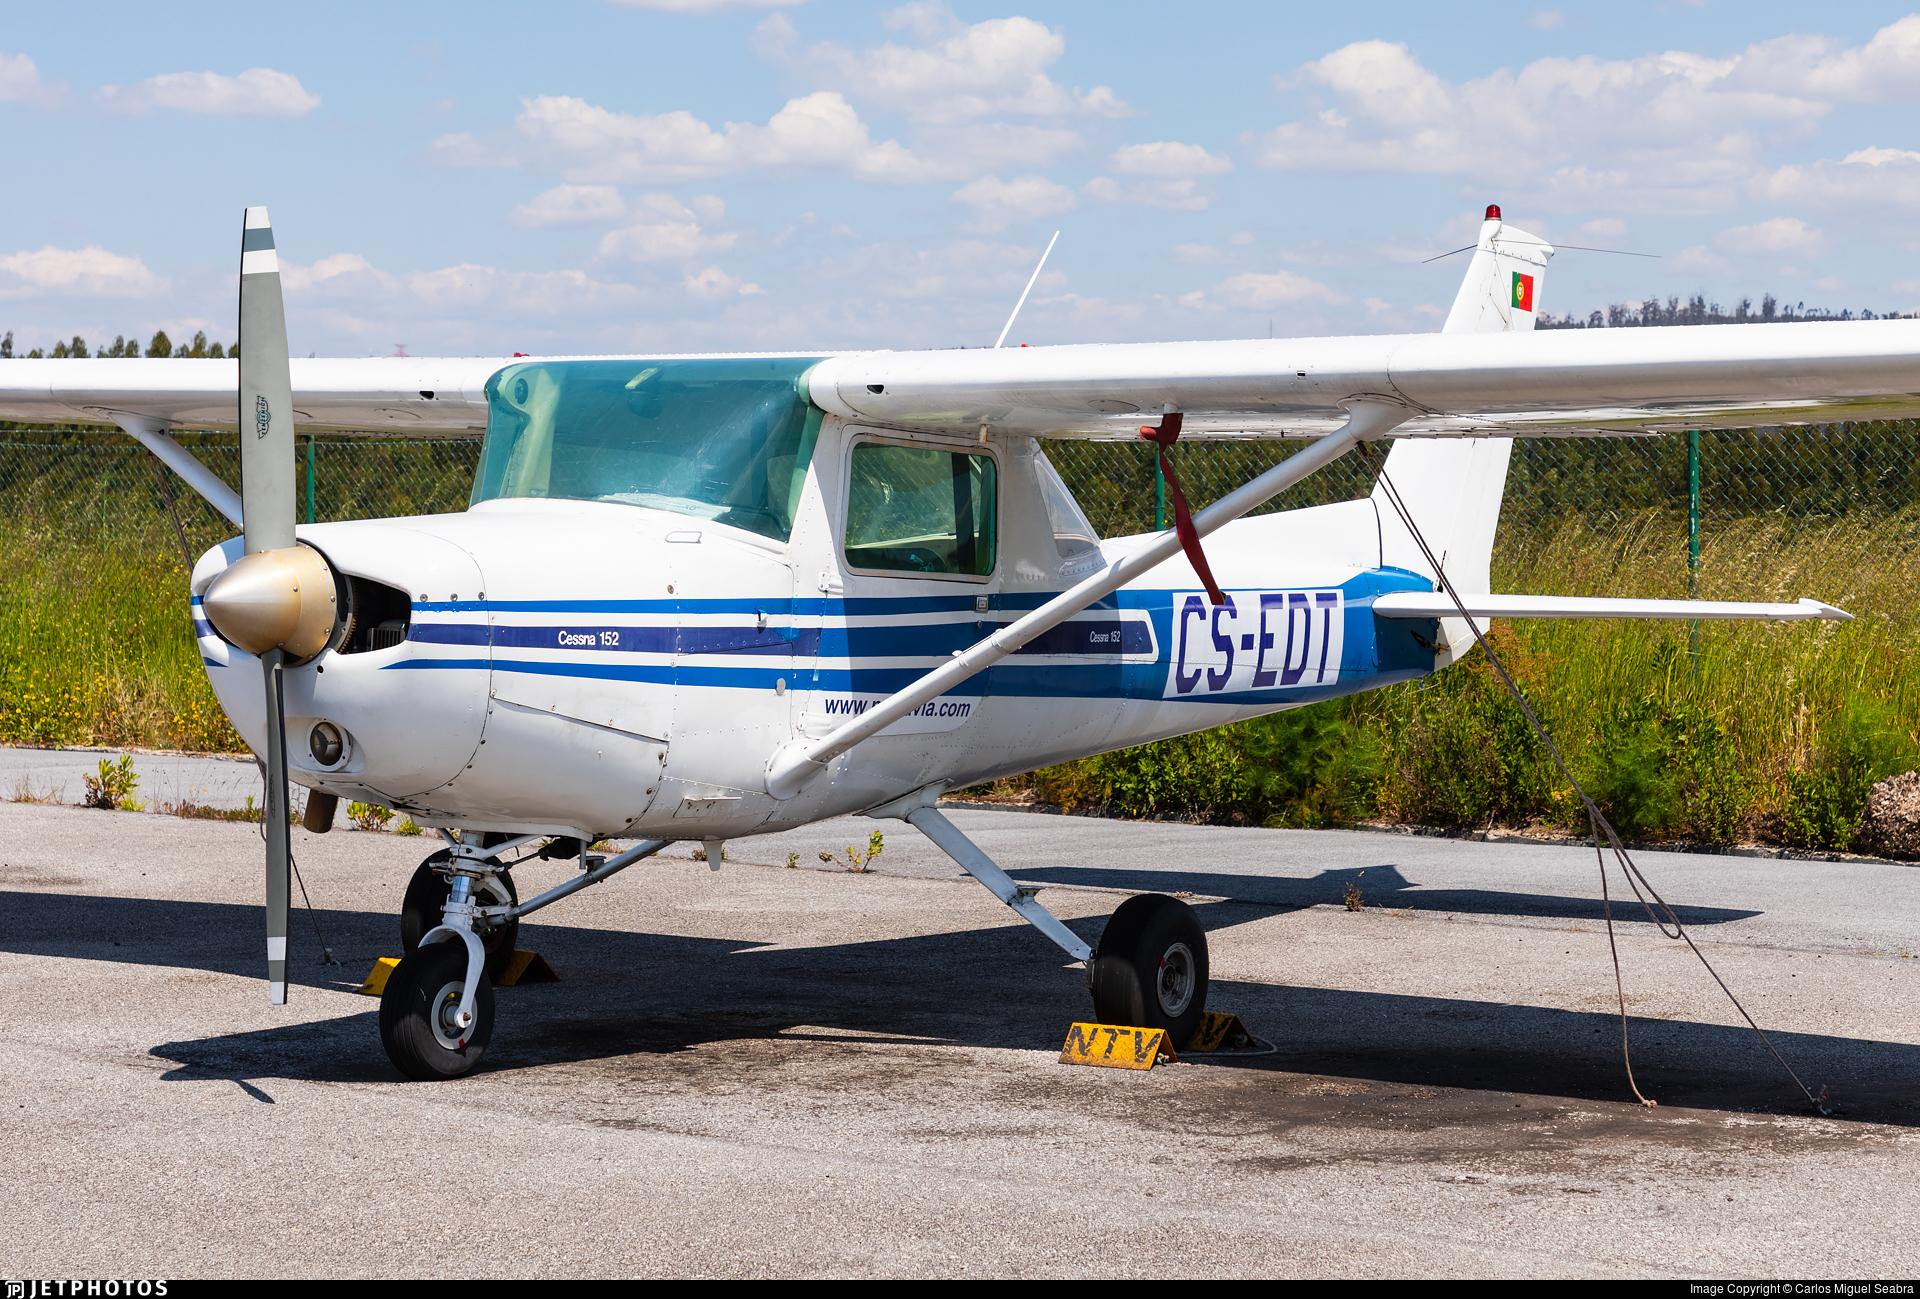 CS-EDT - Cessna 152 - Nortávia